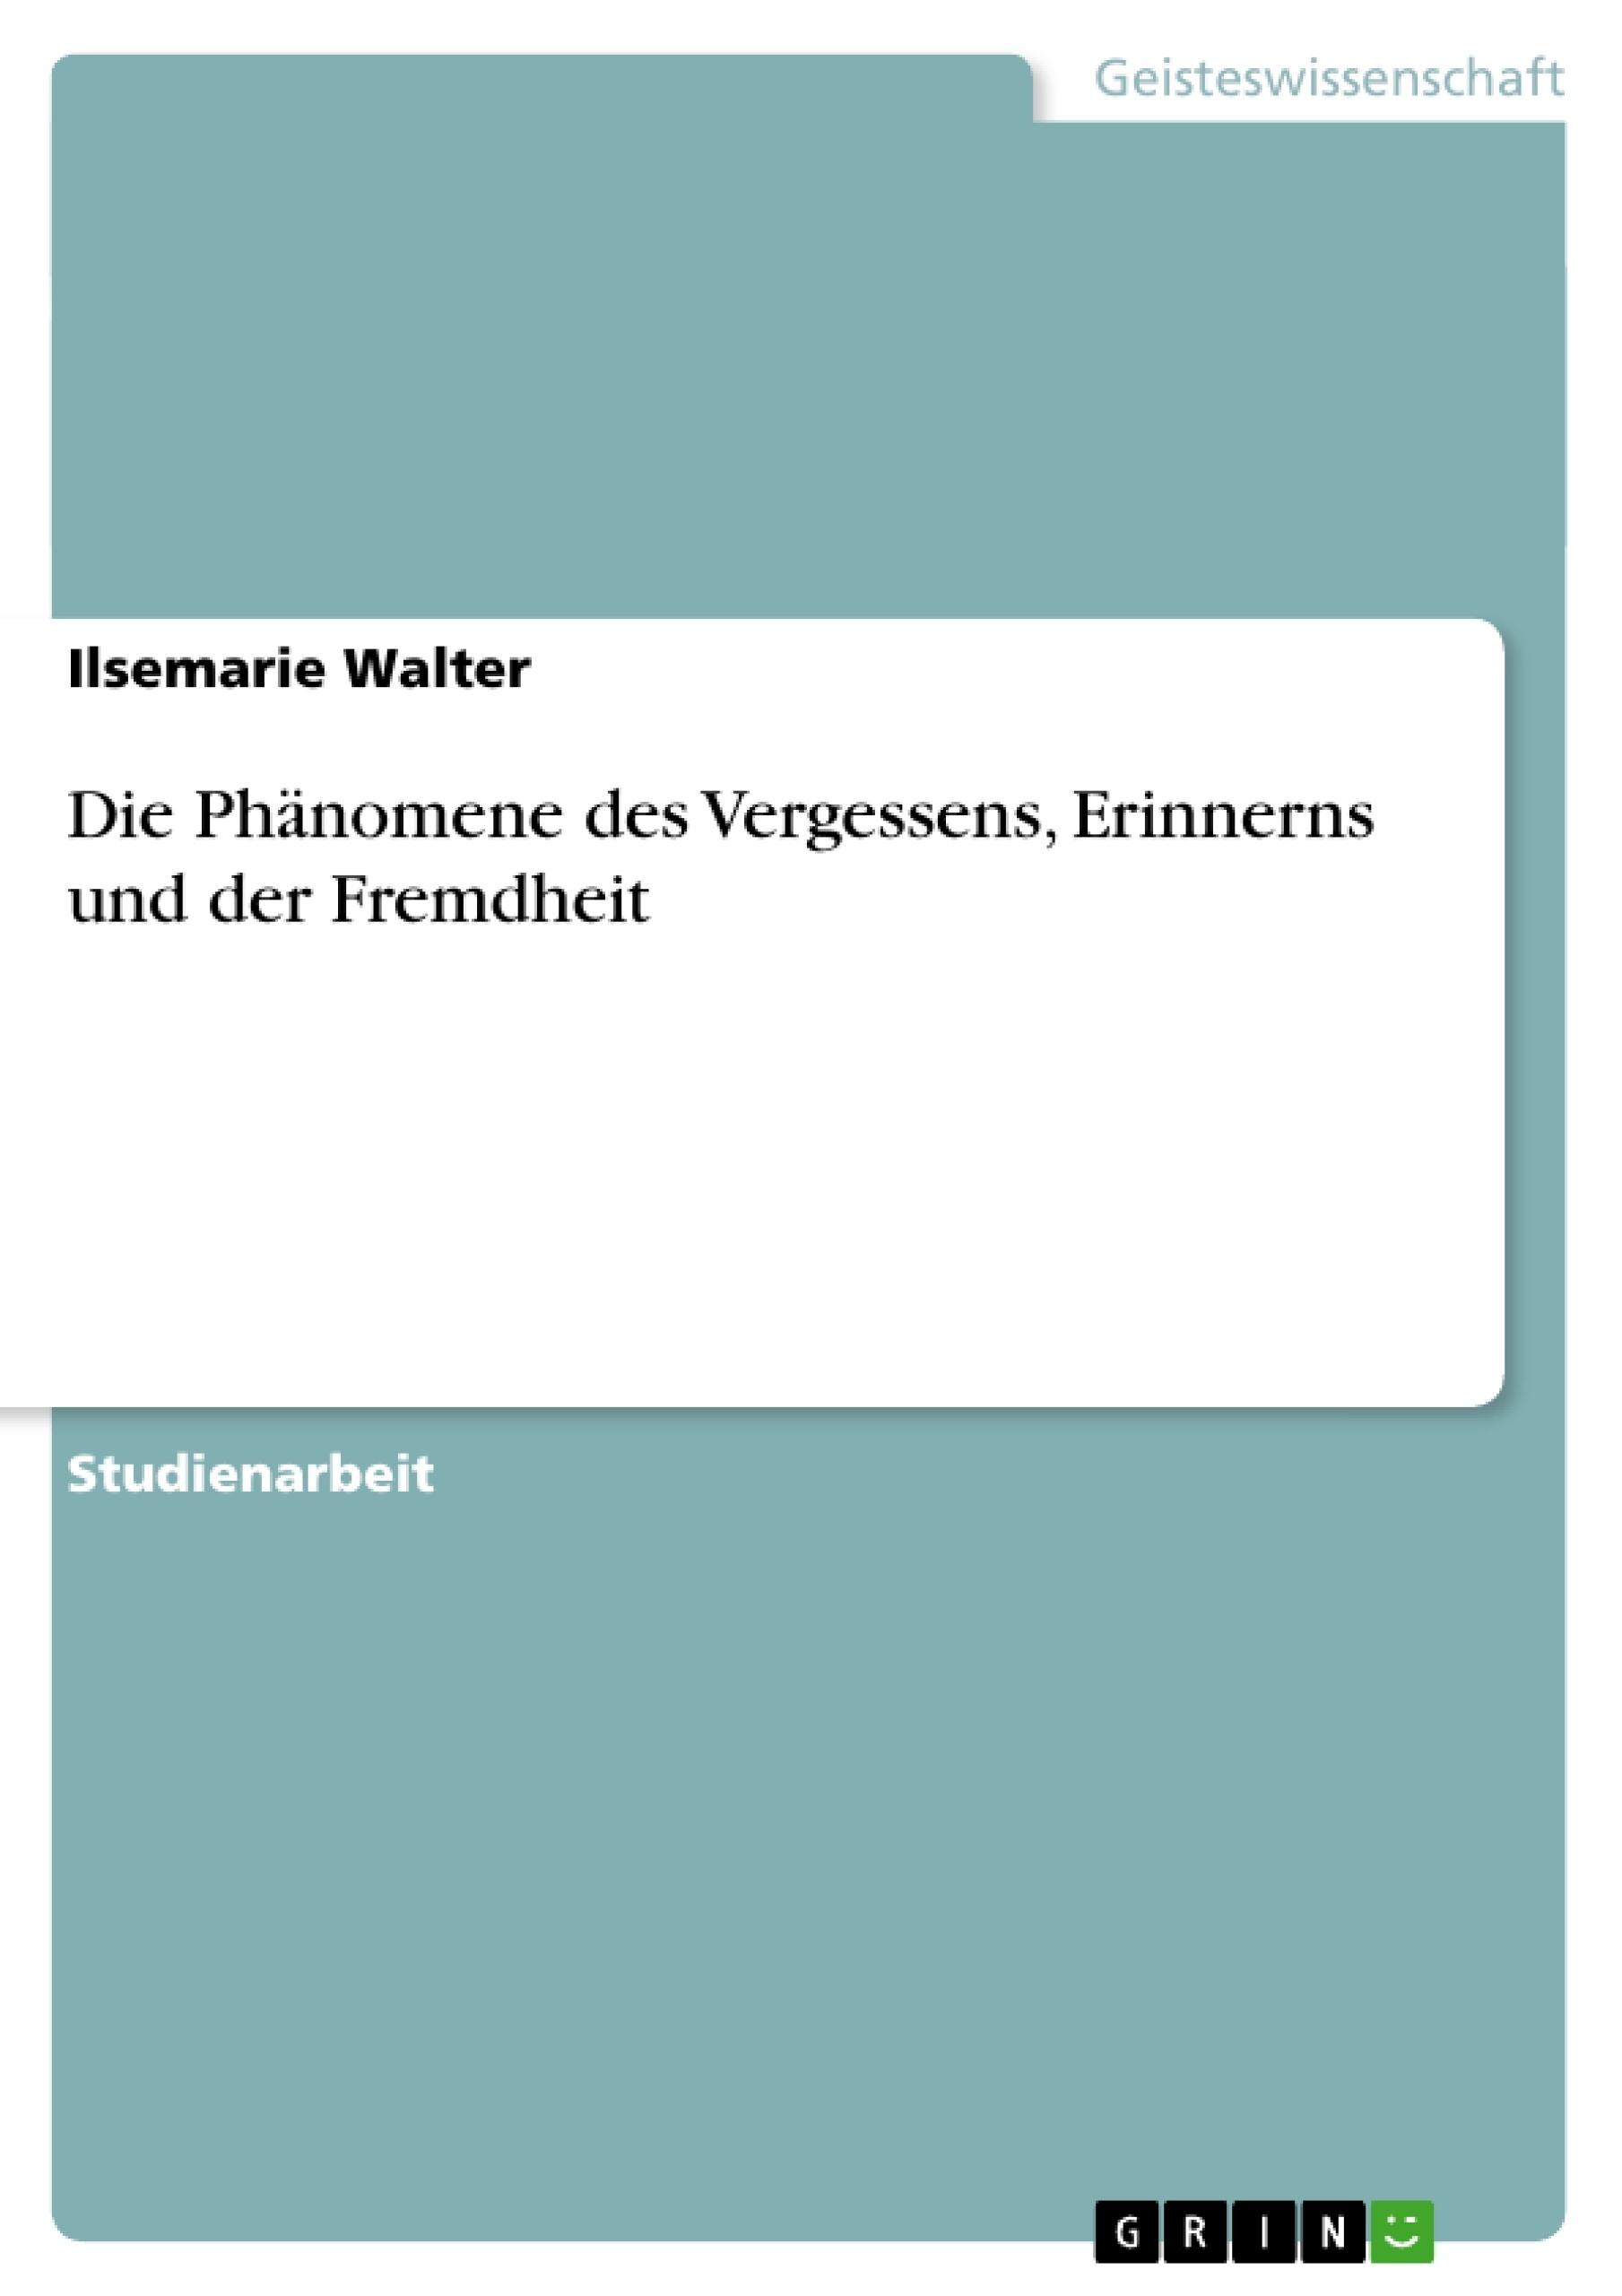 Titel: Die Phänomene des Vergessens, Erinnerns und der Fremdheit